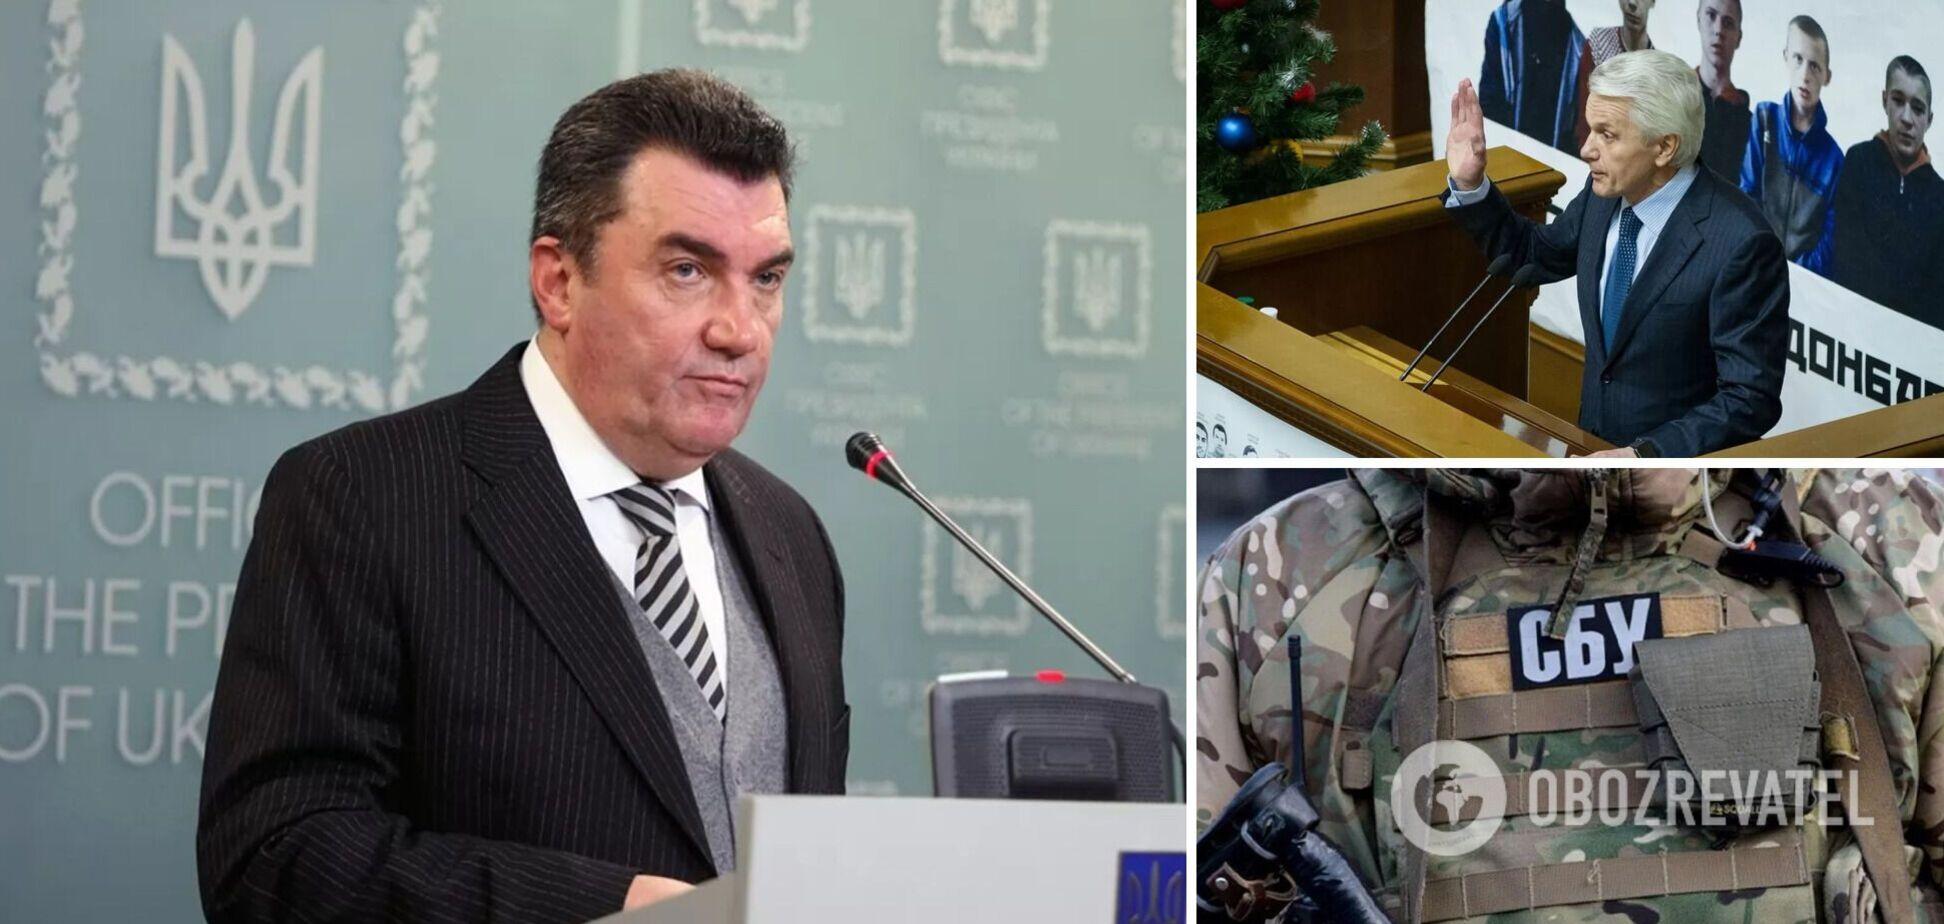 Данилов: СБУ проверит действия нардепов, ратифицировавших Харьковские соглашения в 2010 году